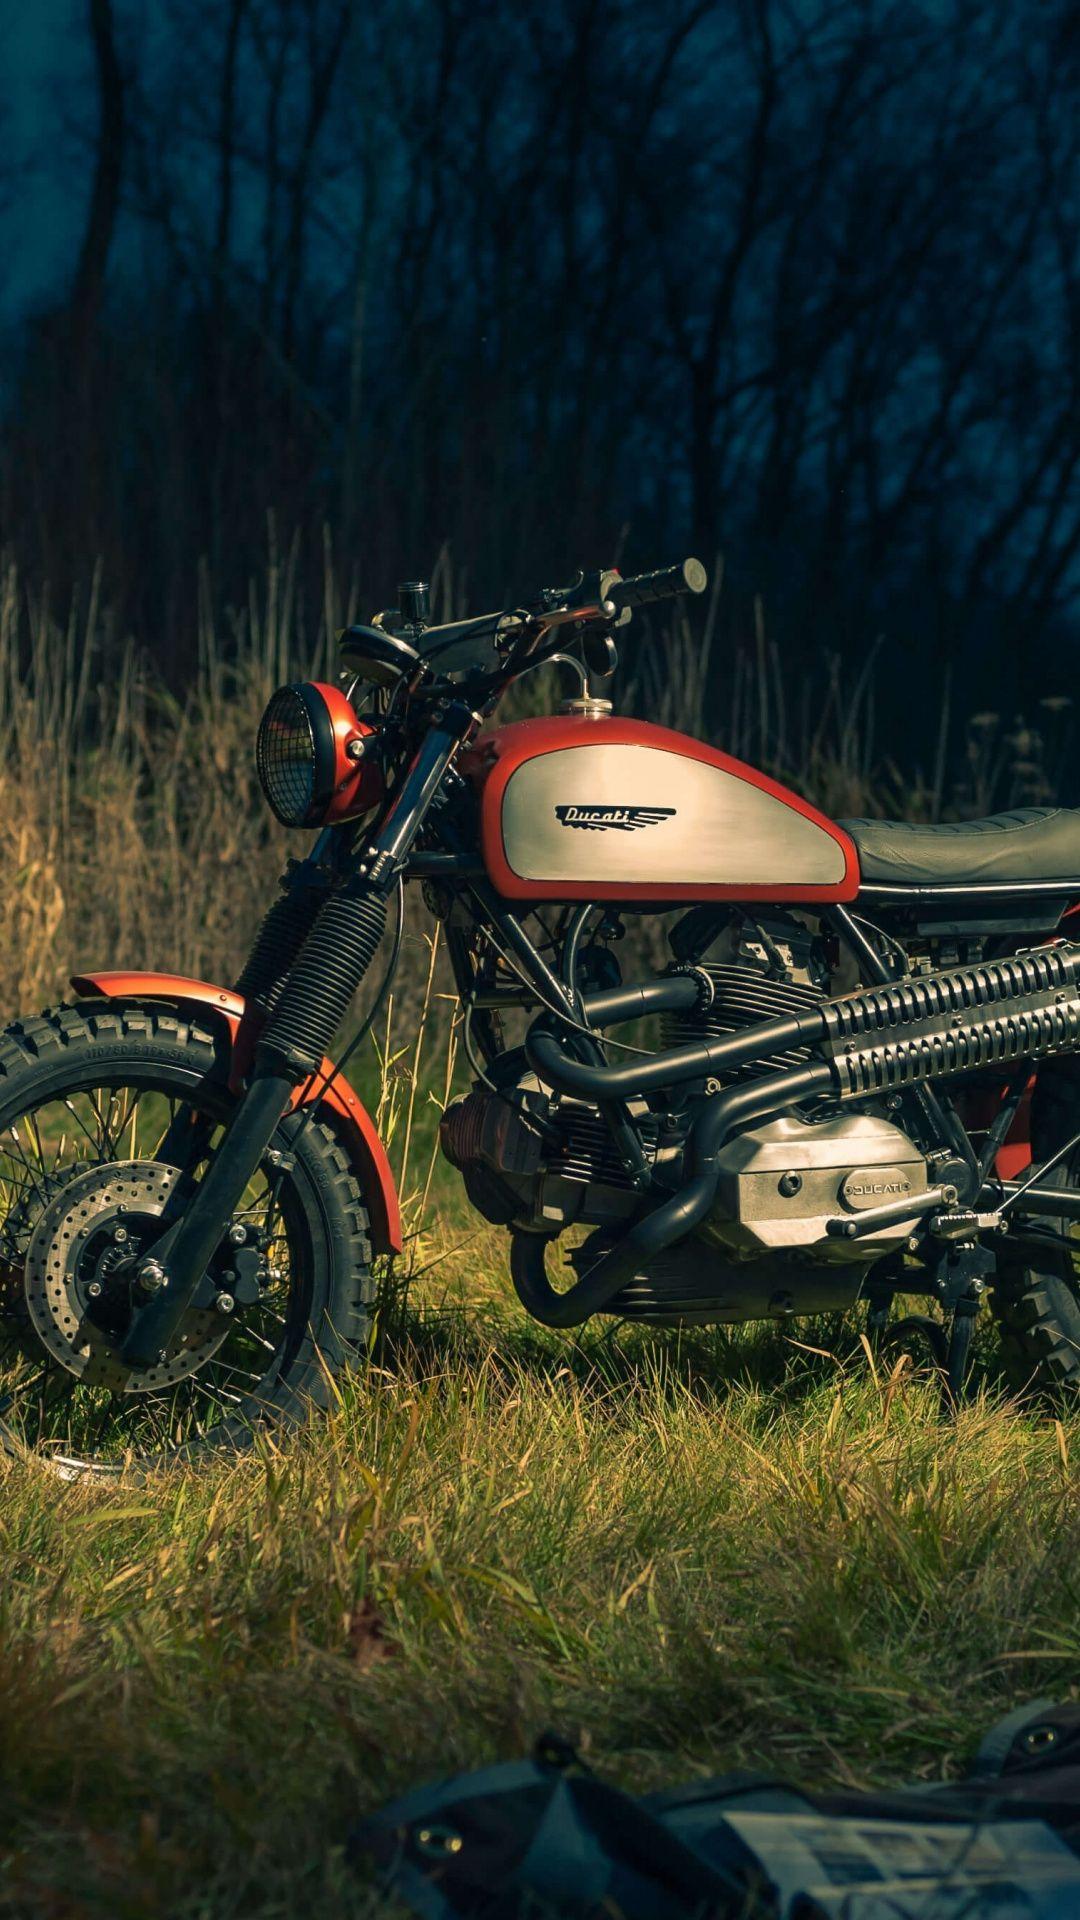 Ducati Scrambler Campfire Motorcycle Outdoor 1080x1920